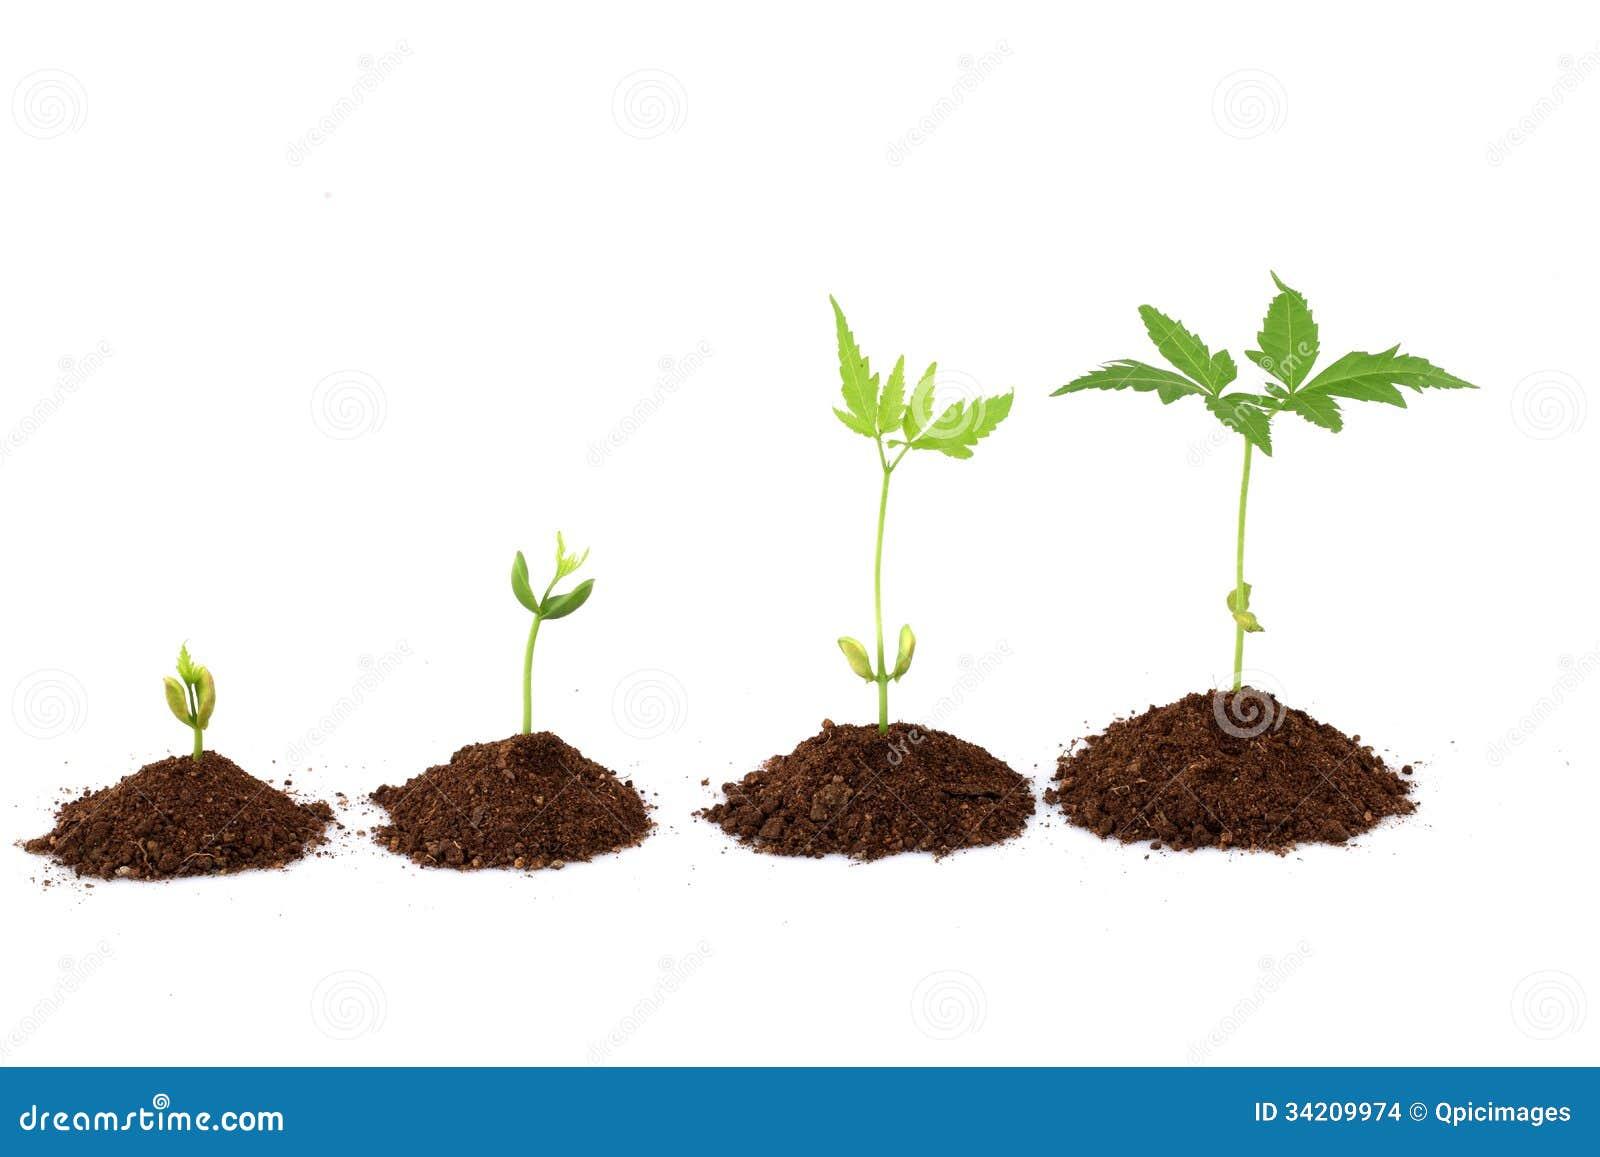 植物生长阶段-植物进展图片